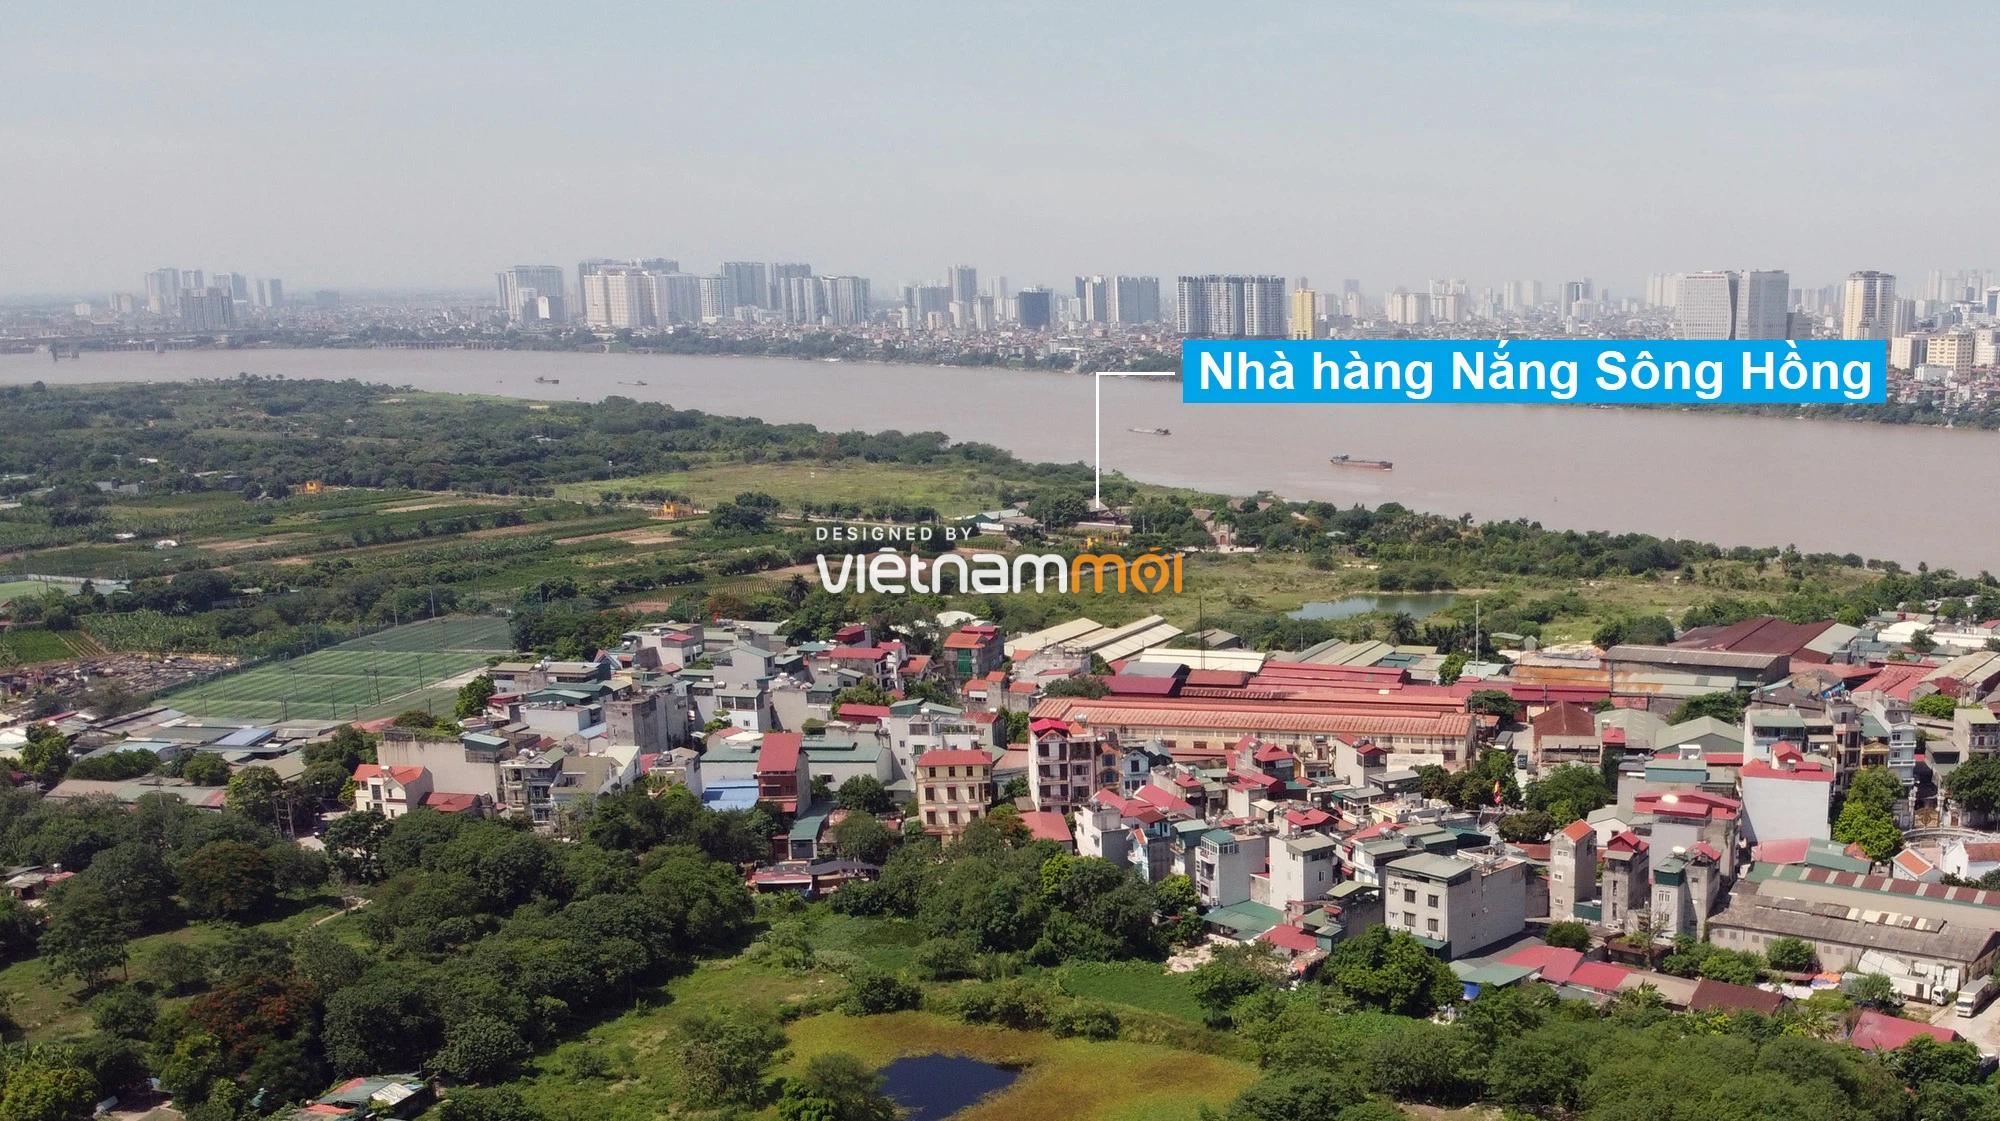 Hà Nội: Toàn cảnh hai bãi sông Hồng được phép xây dựng - Ảnh 13.